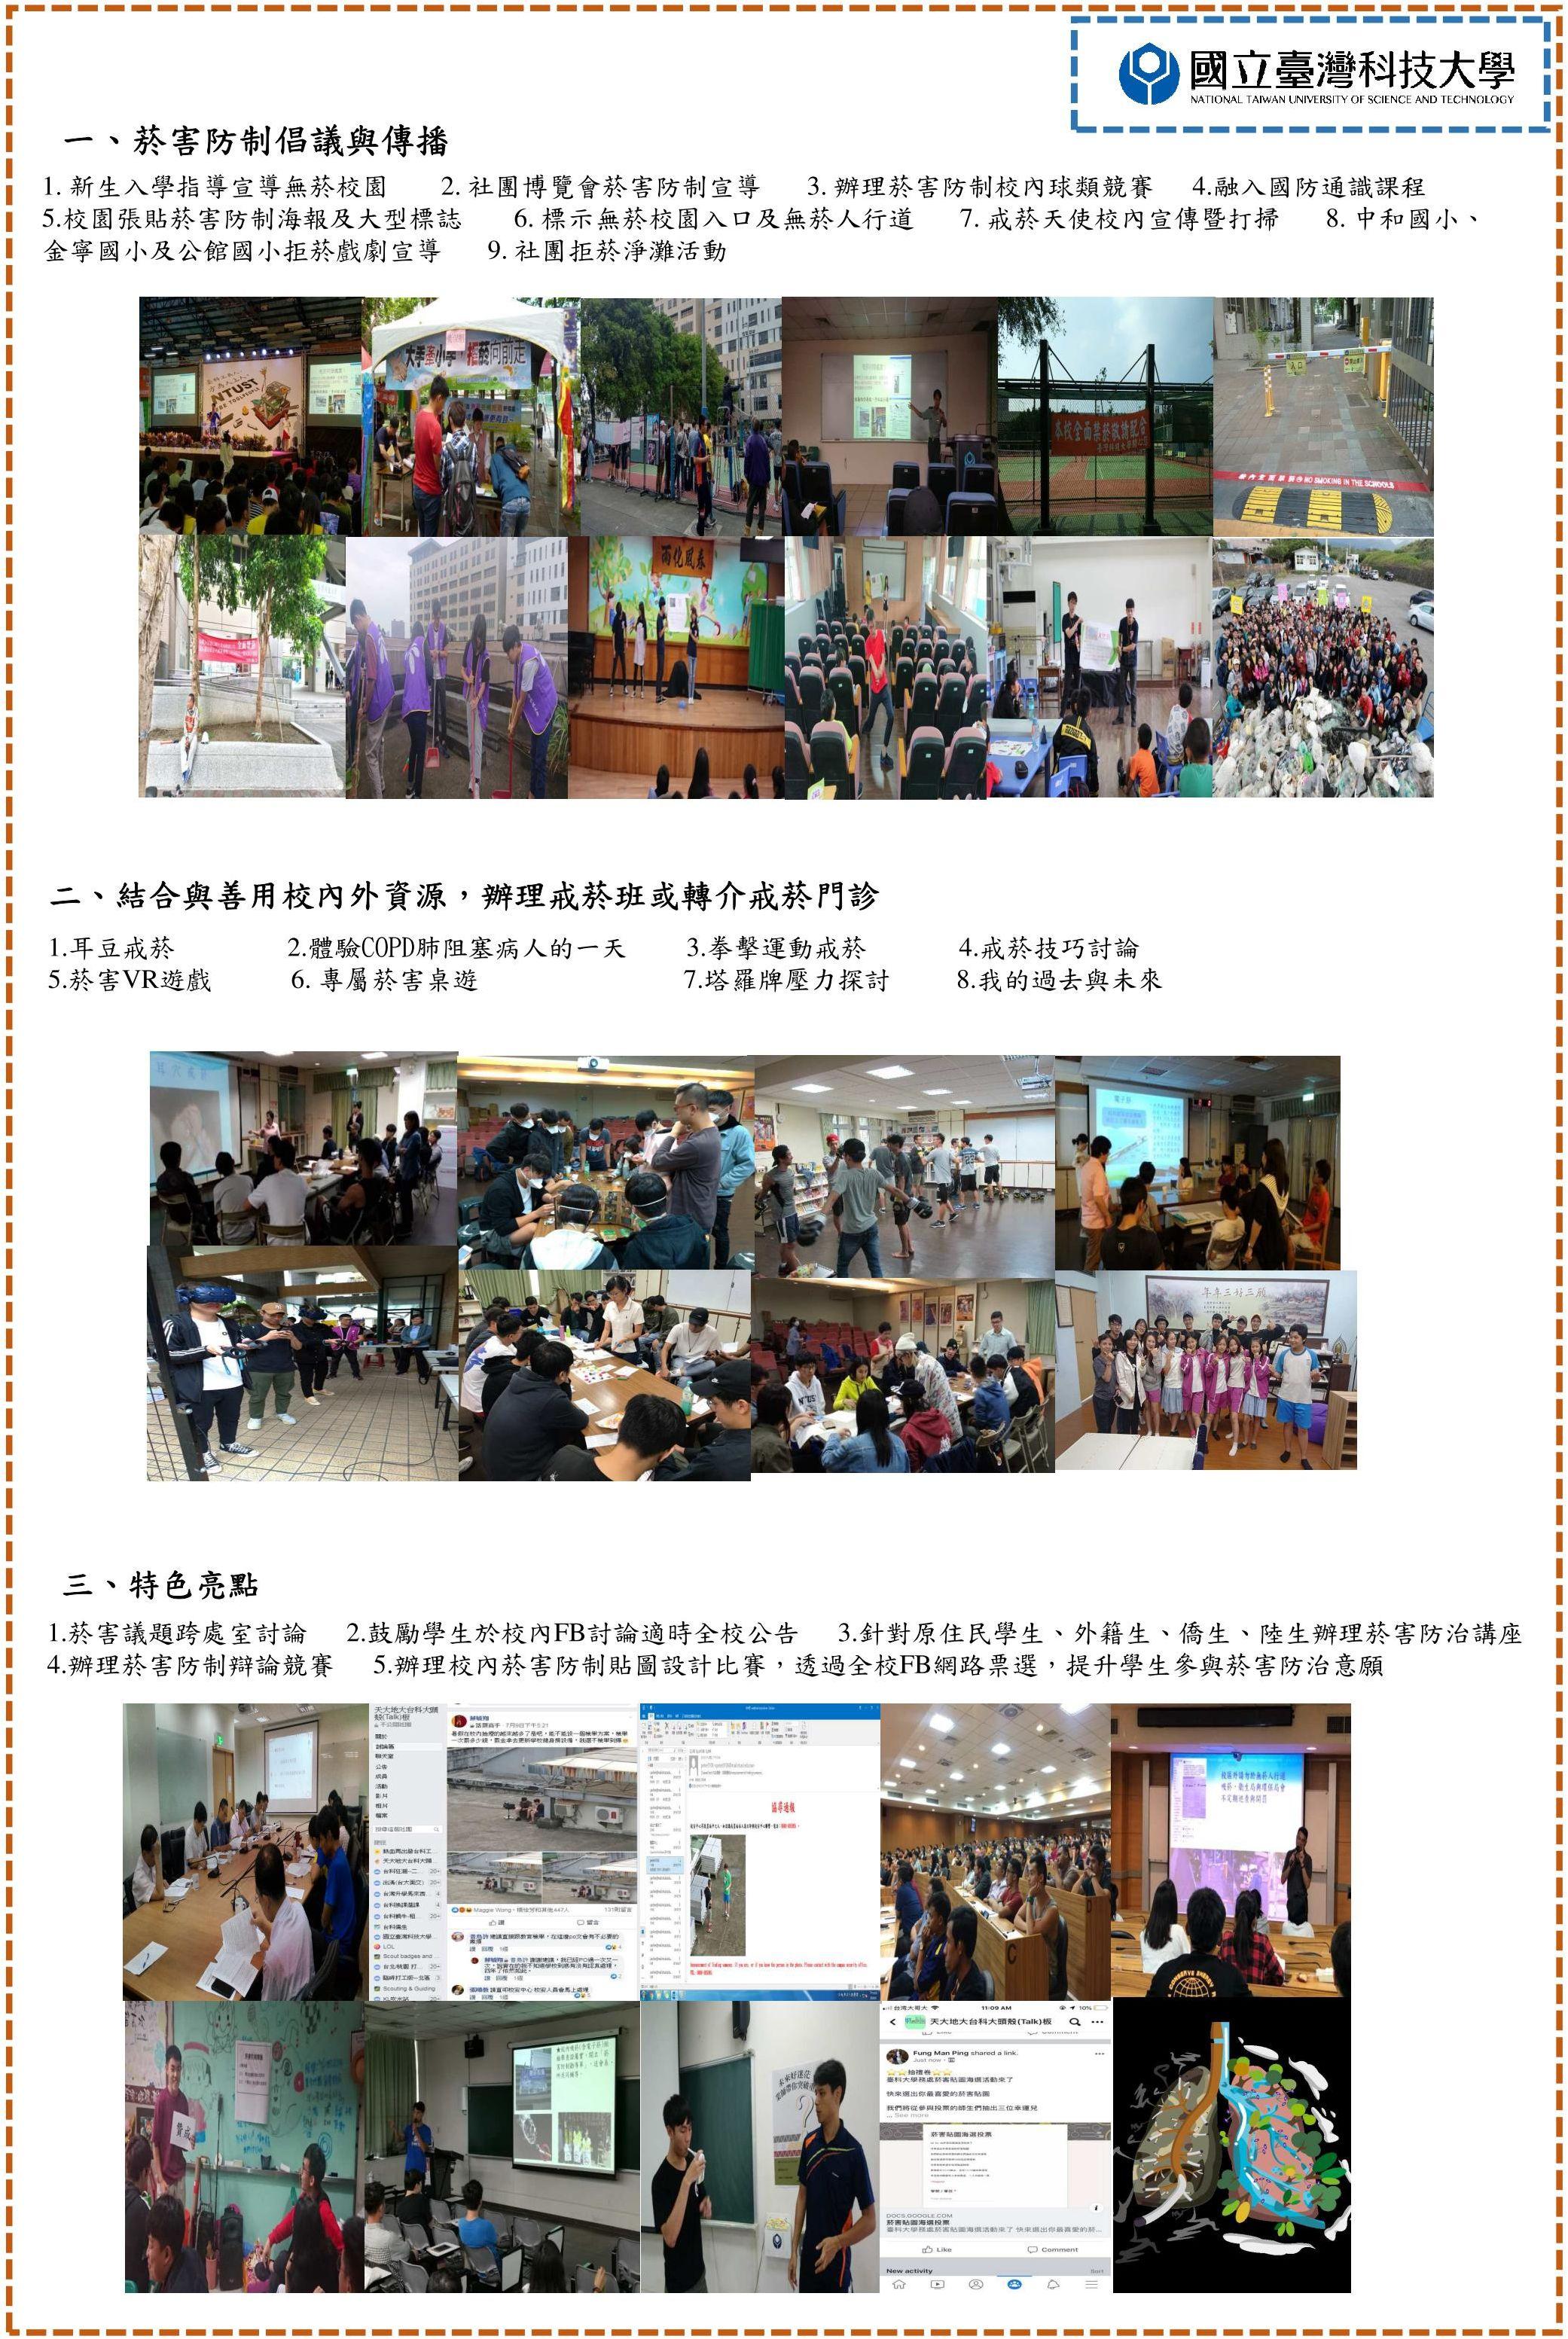 圖片-108年度臺灣科技大學